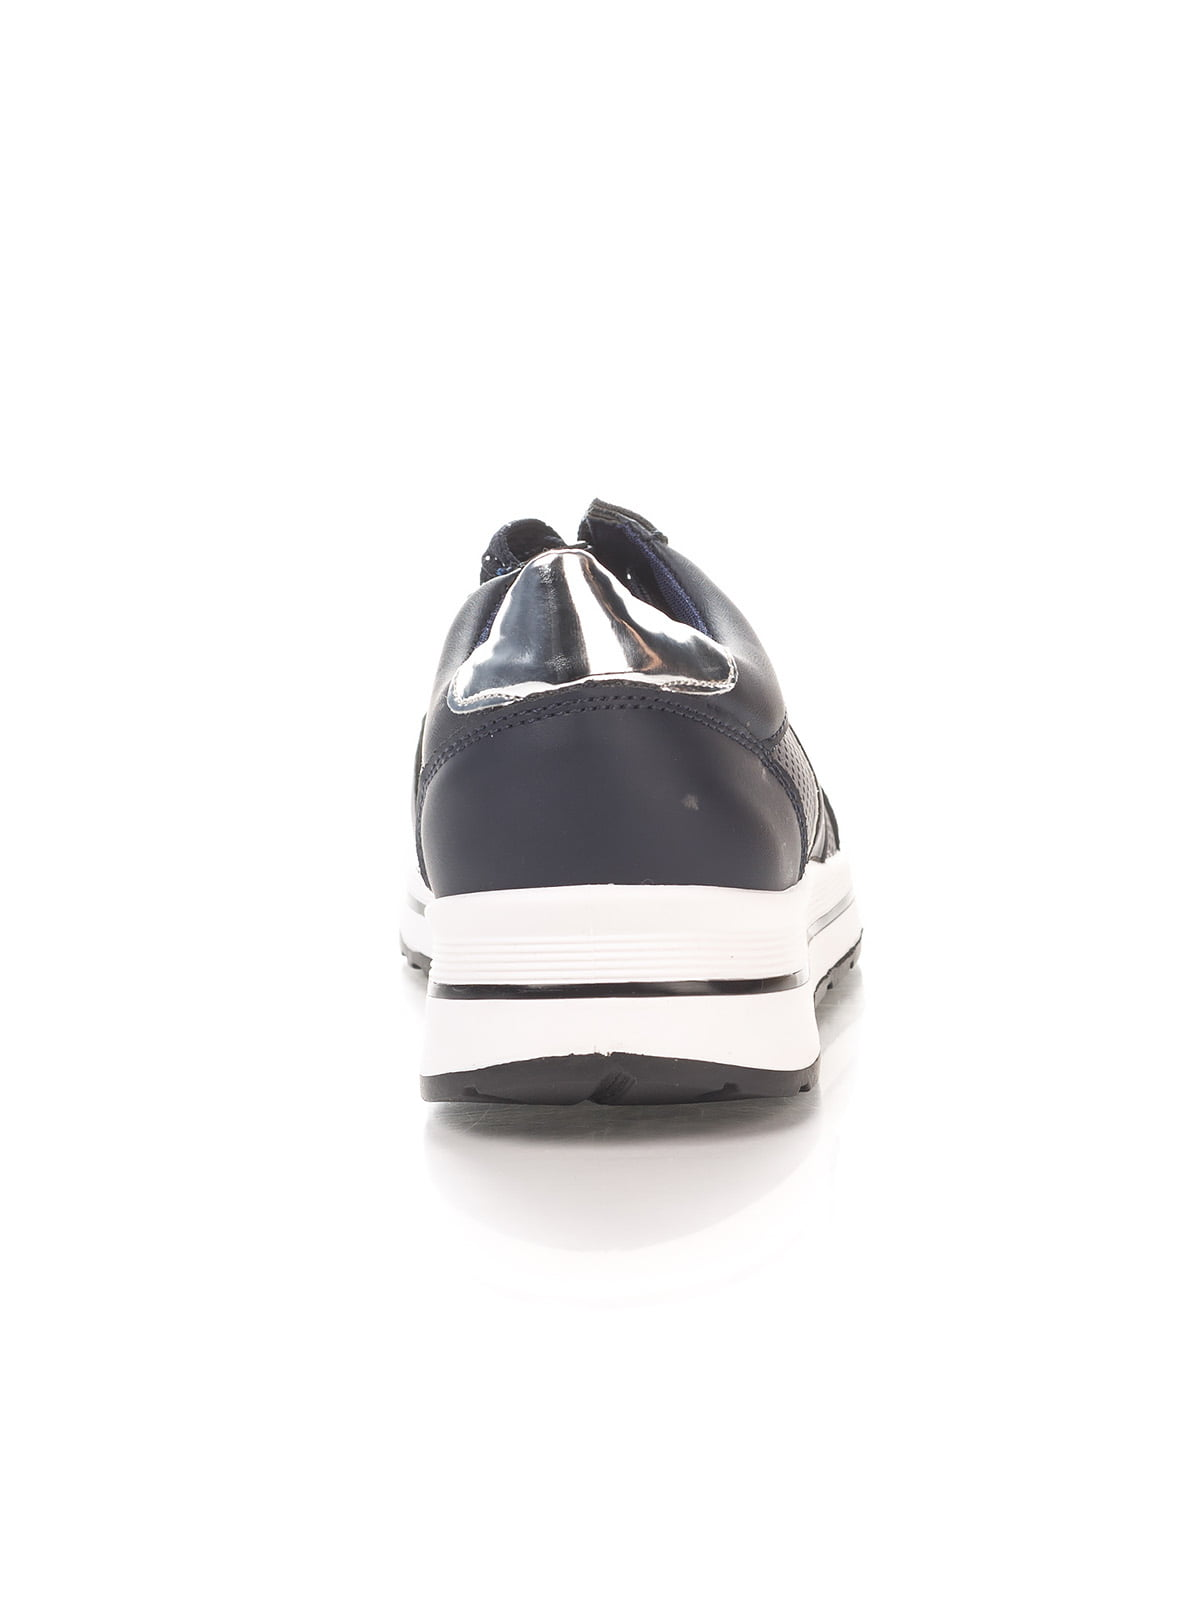 Кроссовки темно-синие | 4378527 | фото 3